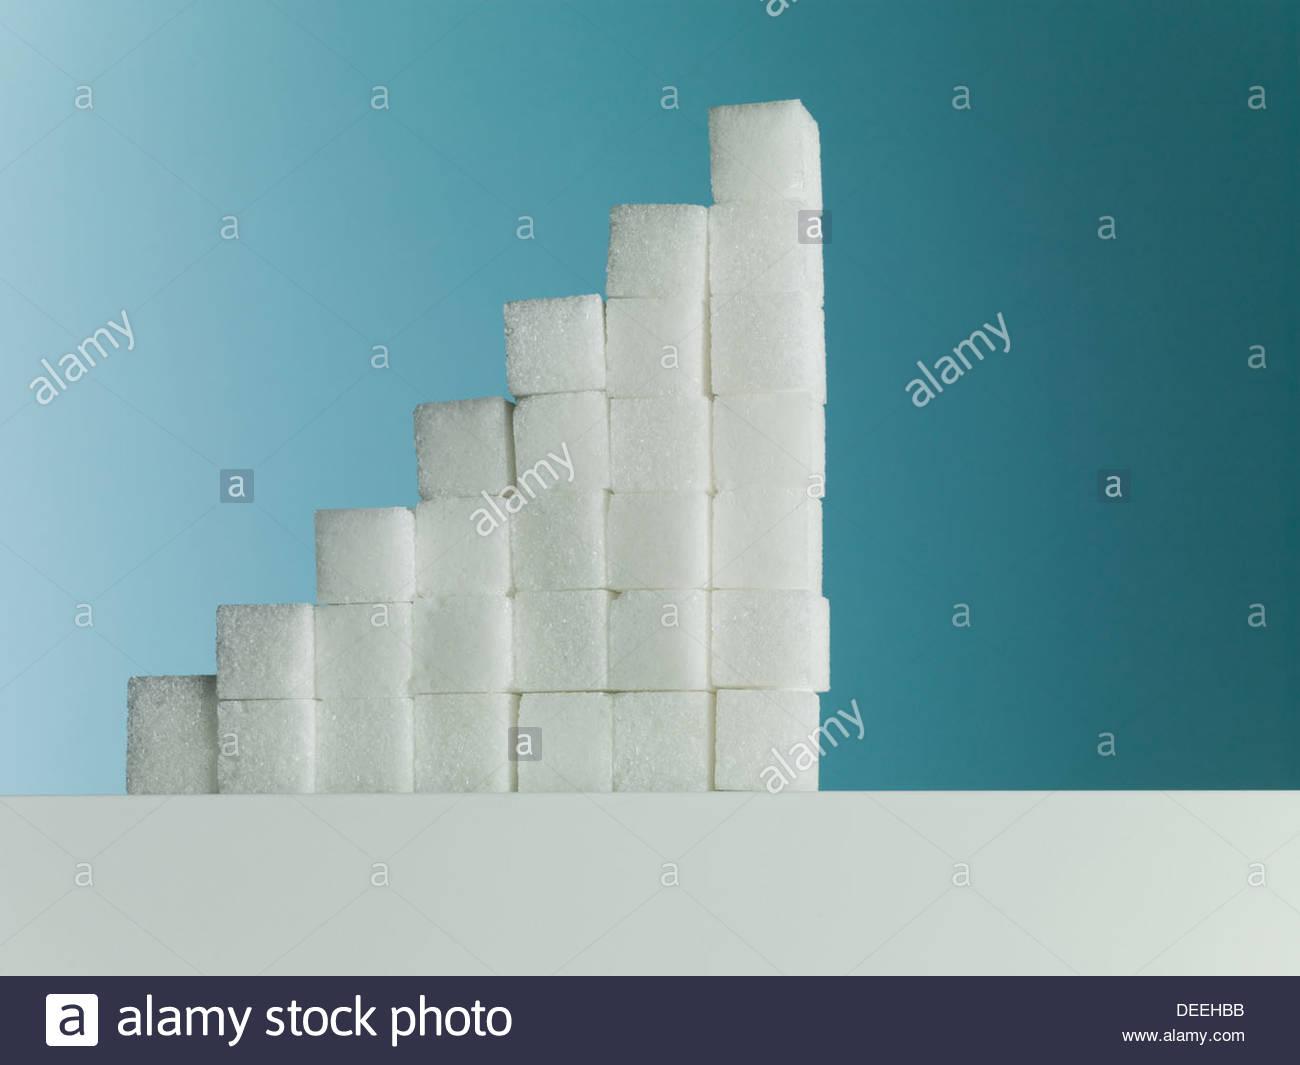 Ligne de l'ordre croissant des piles de cubes de sucre Photo Stock